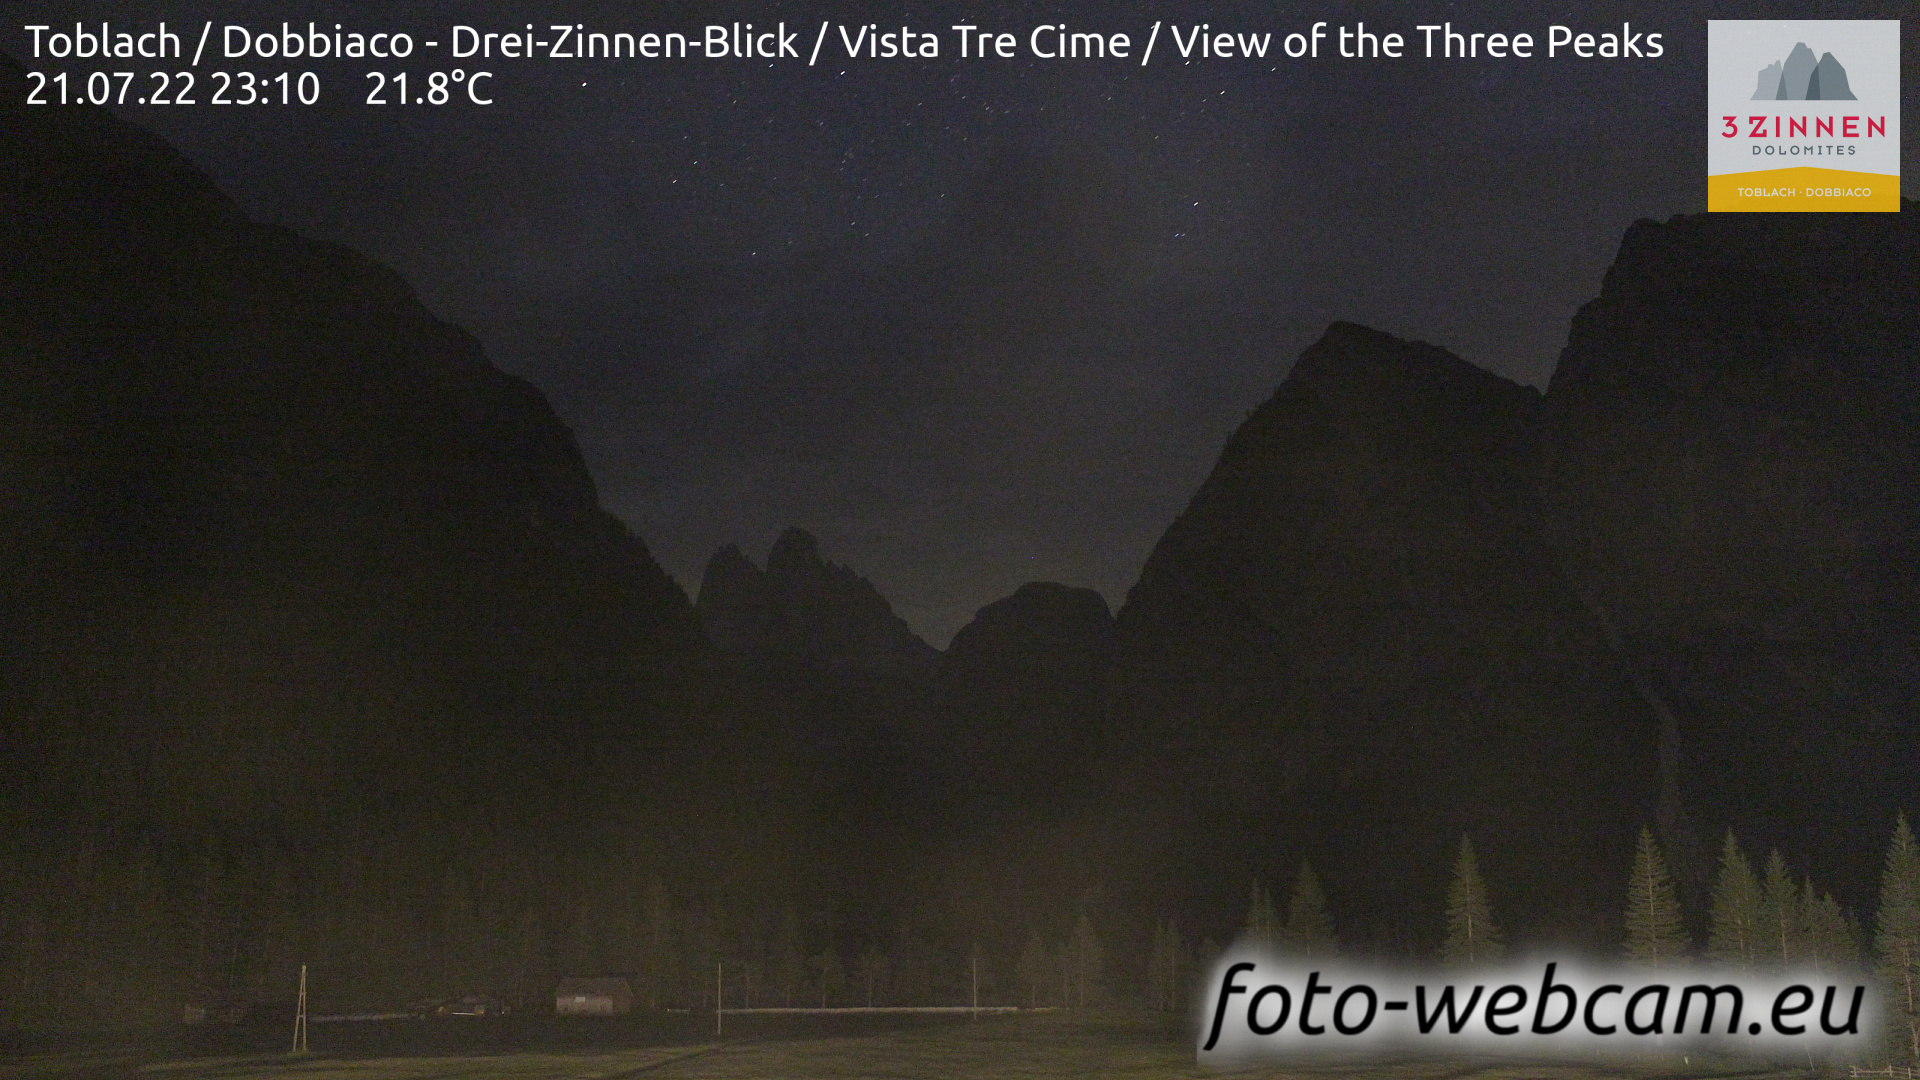 Toblach (Dolomites) Mon. 23:27